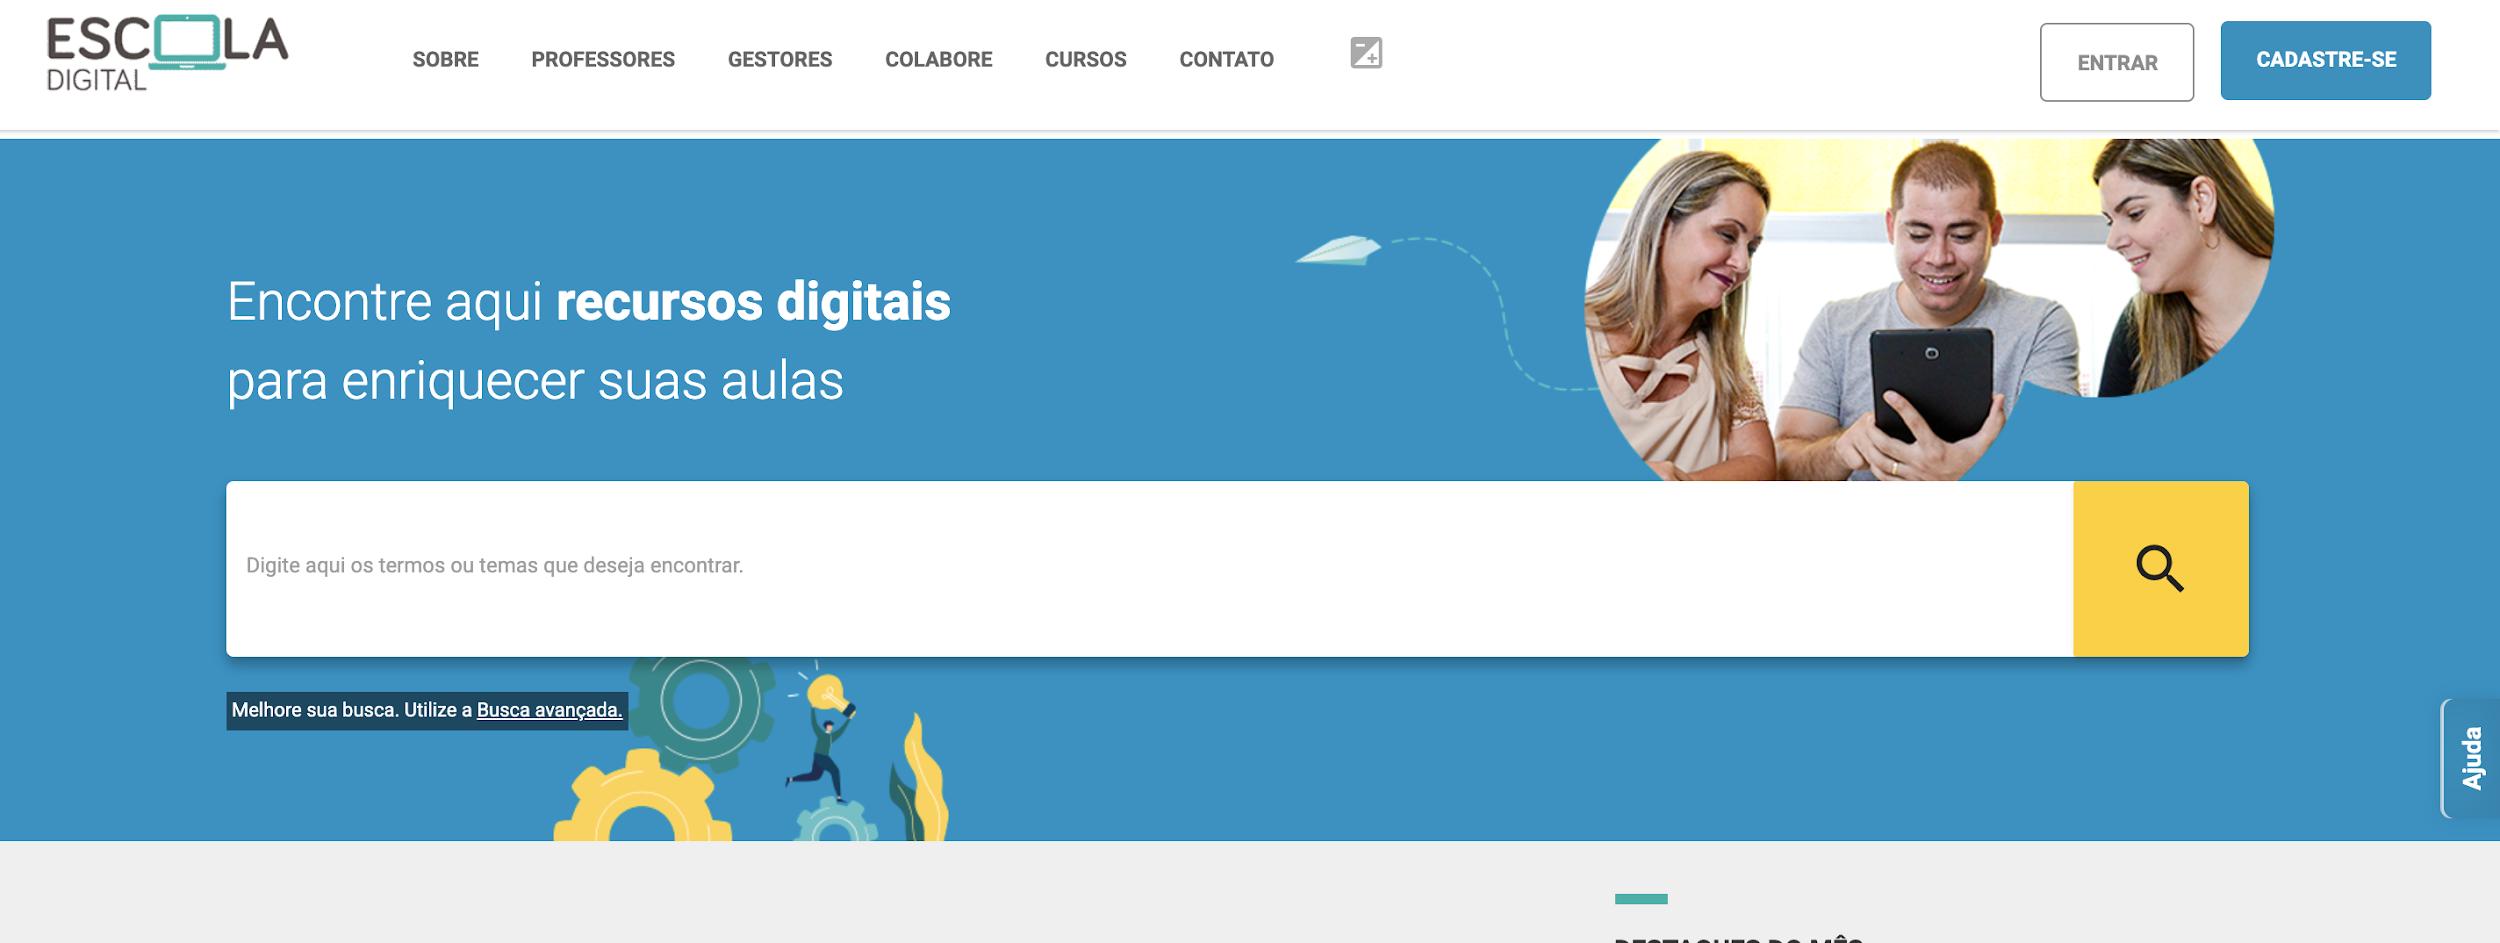 Escola Digital como exemplo de plataforma digitais para educação